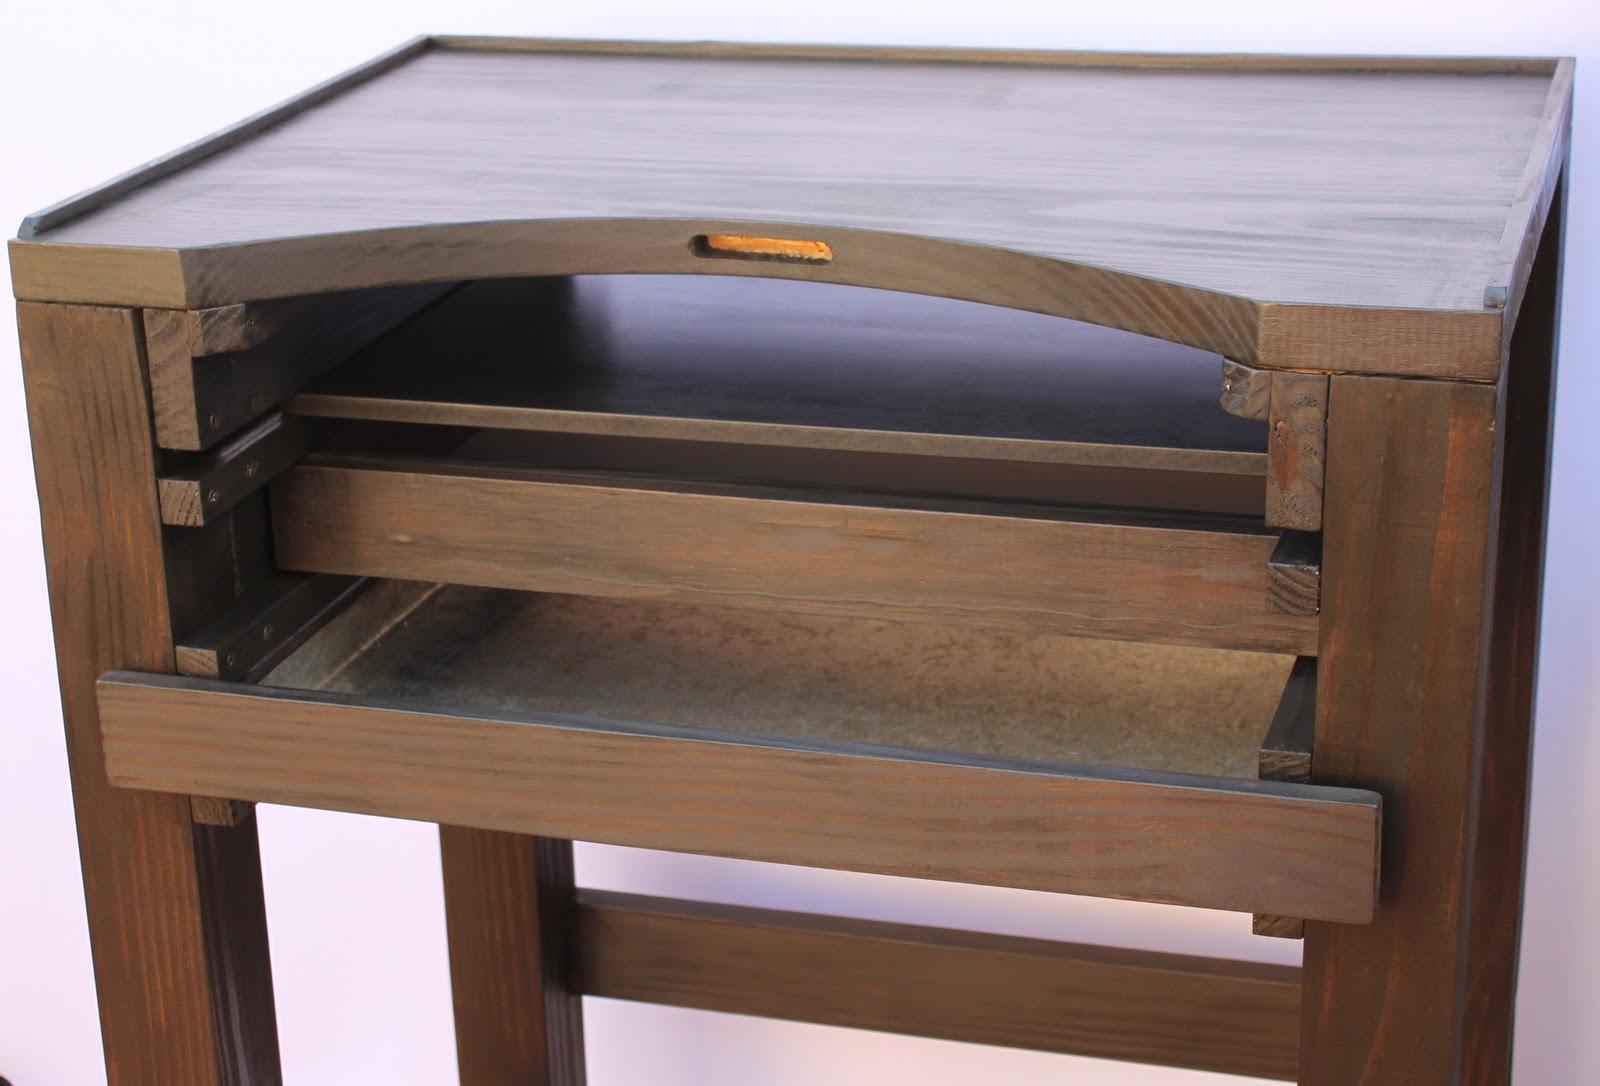 Muebles y bancos para joyeros en madera maciza for Muebles industriales